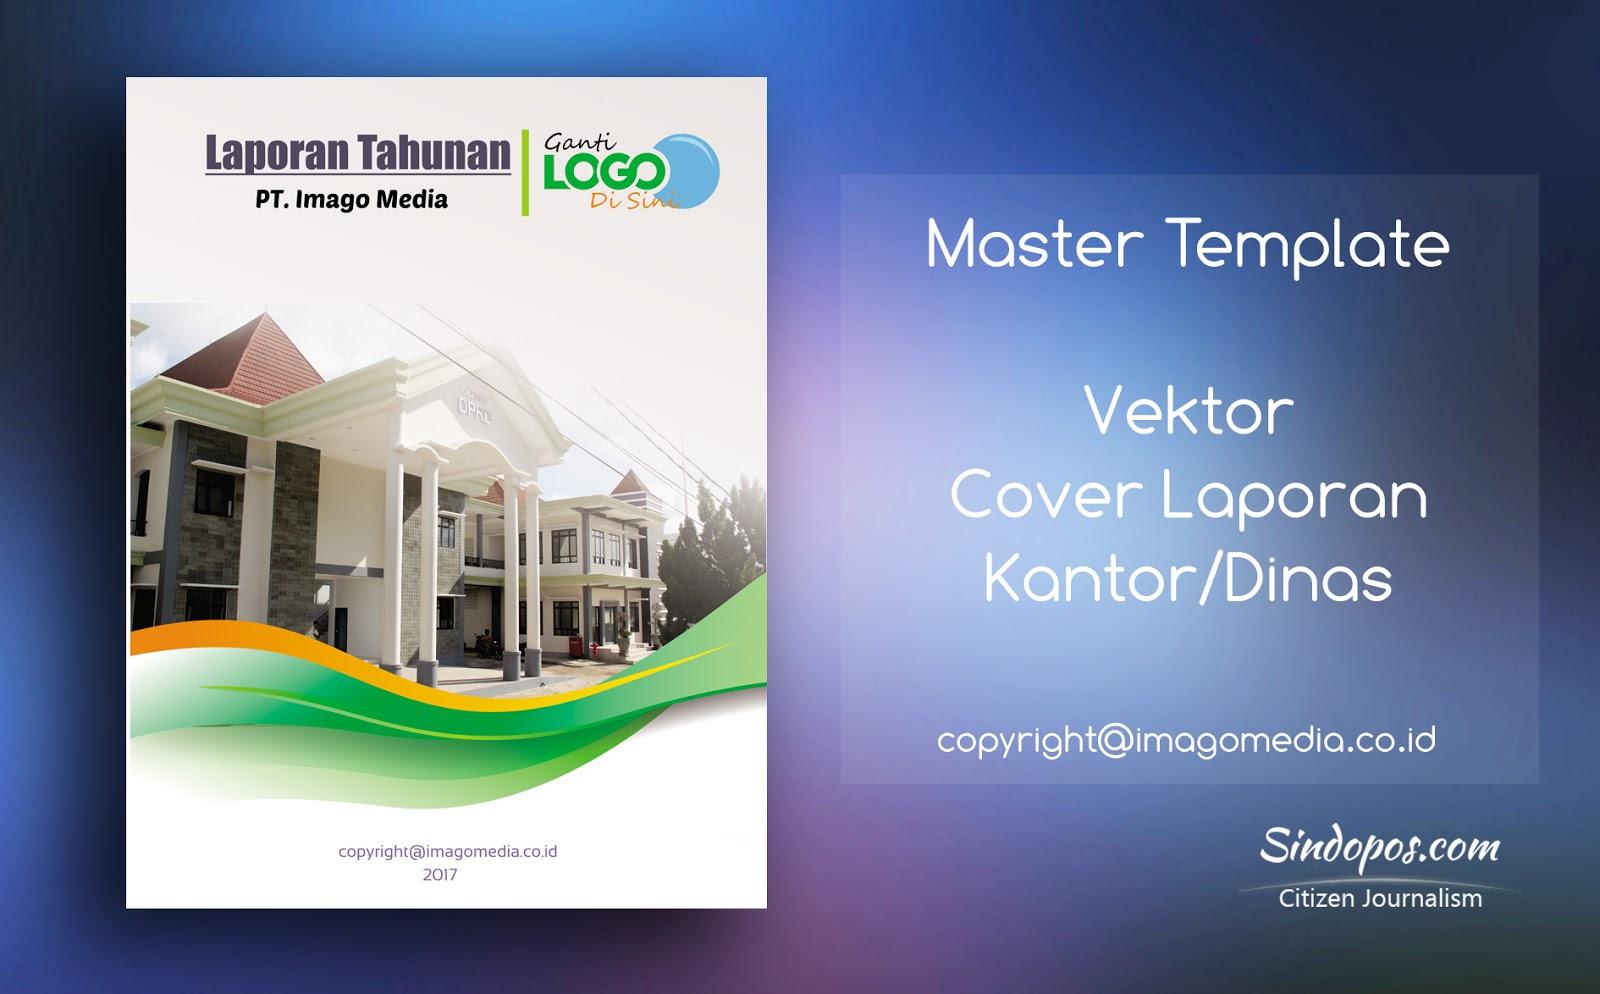 desain template cover laporan kantor